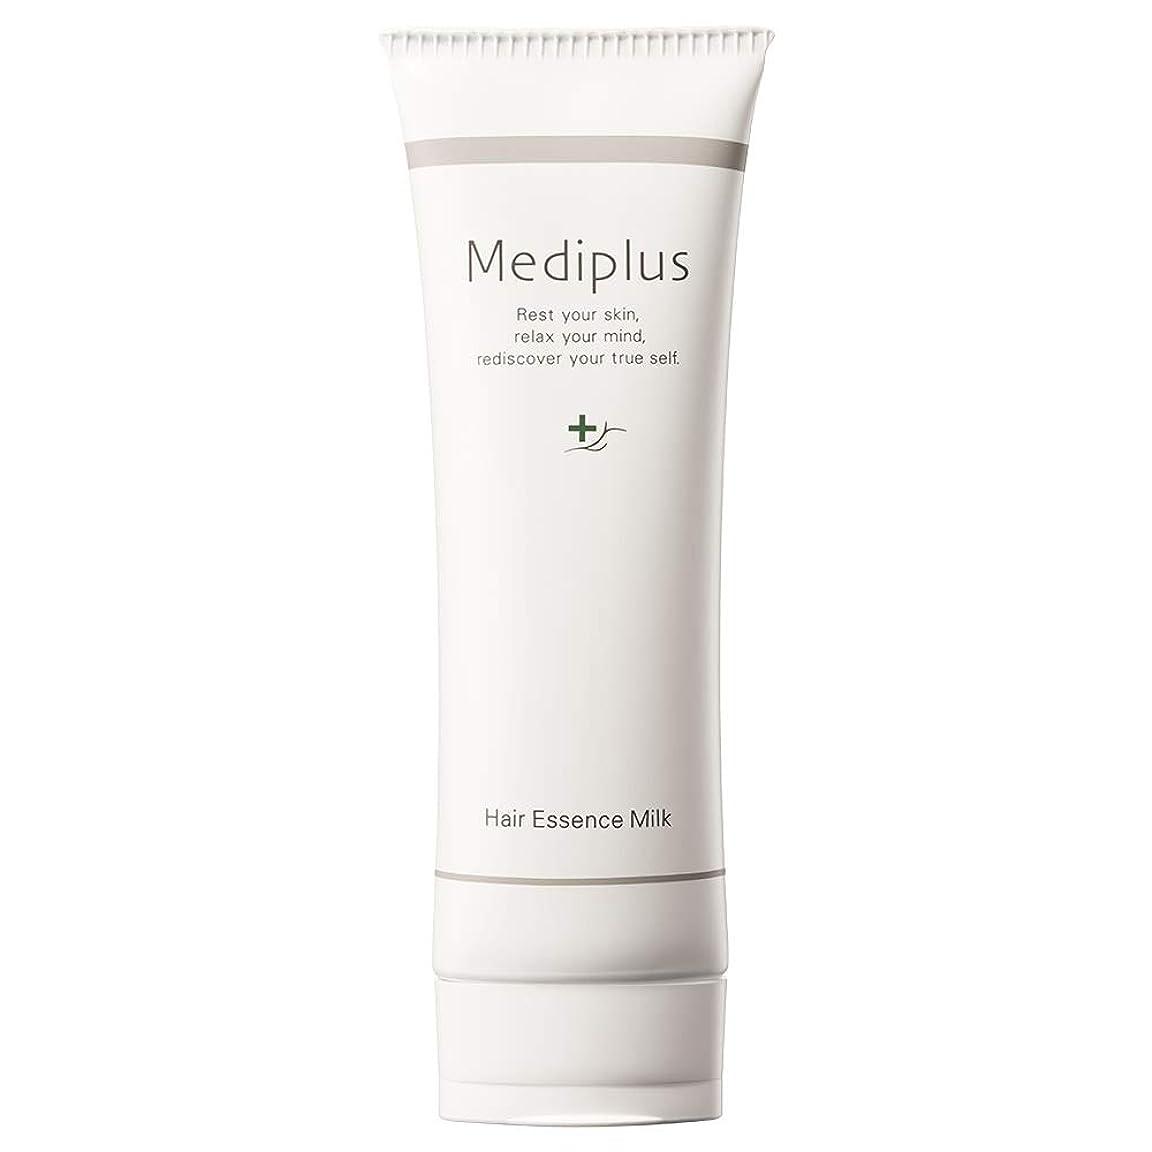 入手します哲学博士ヶ月目mediplus メディプラス ヘアエッセンスミルク 120g